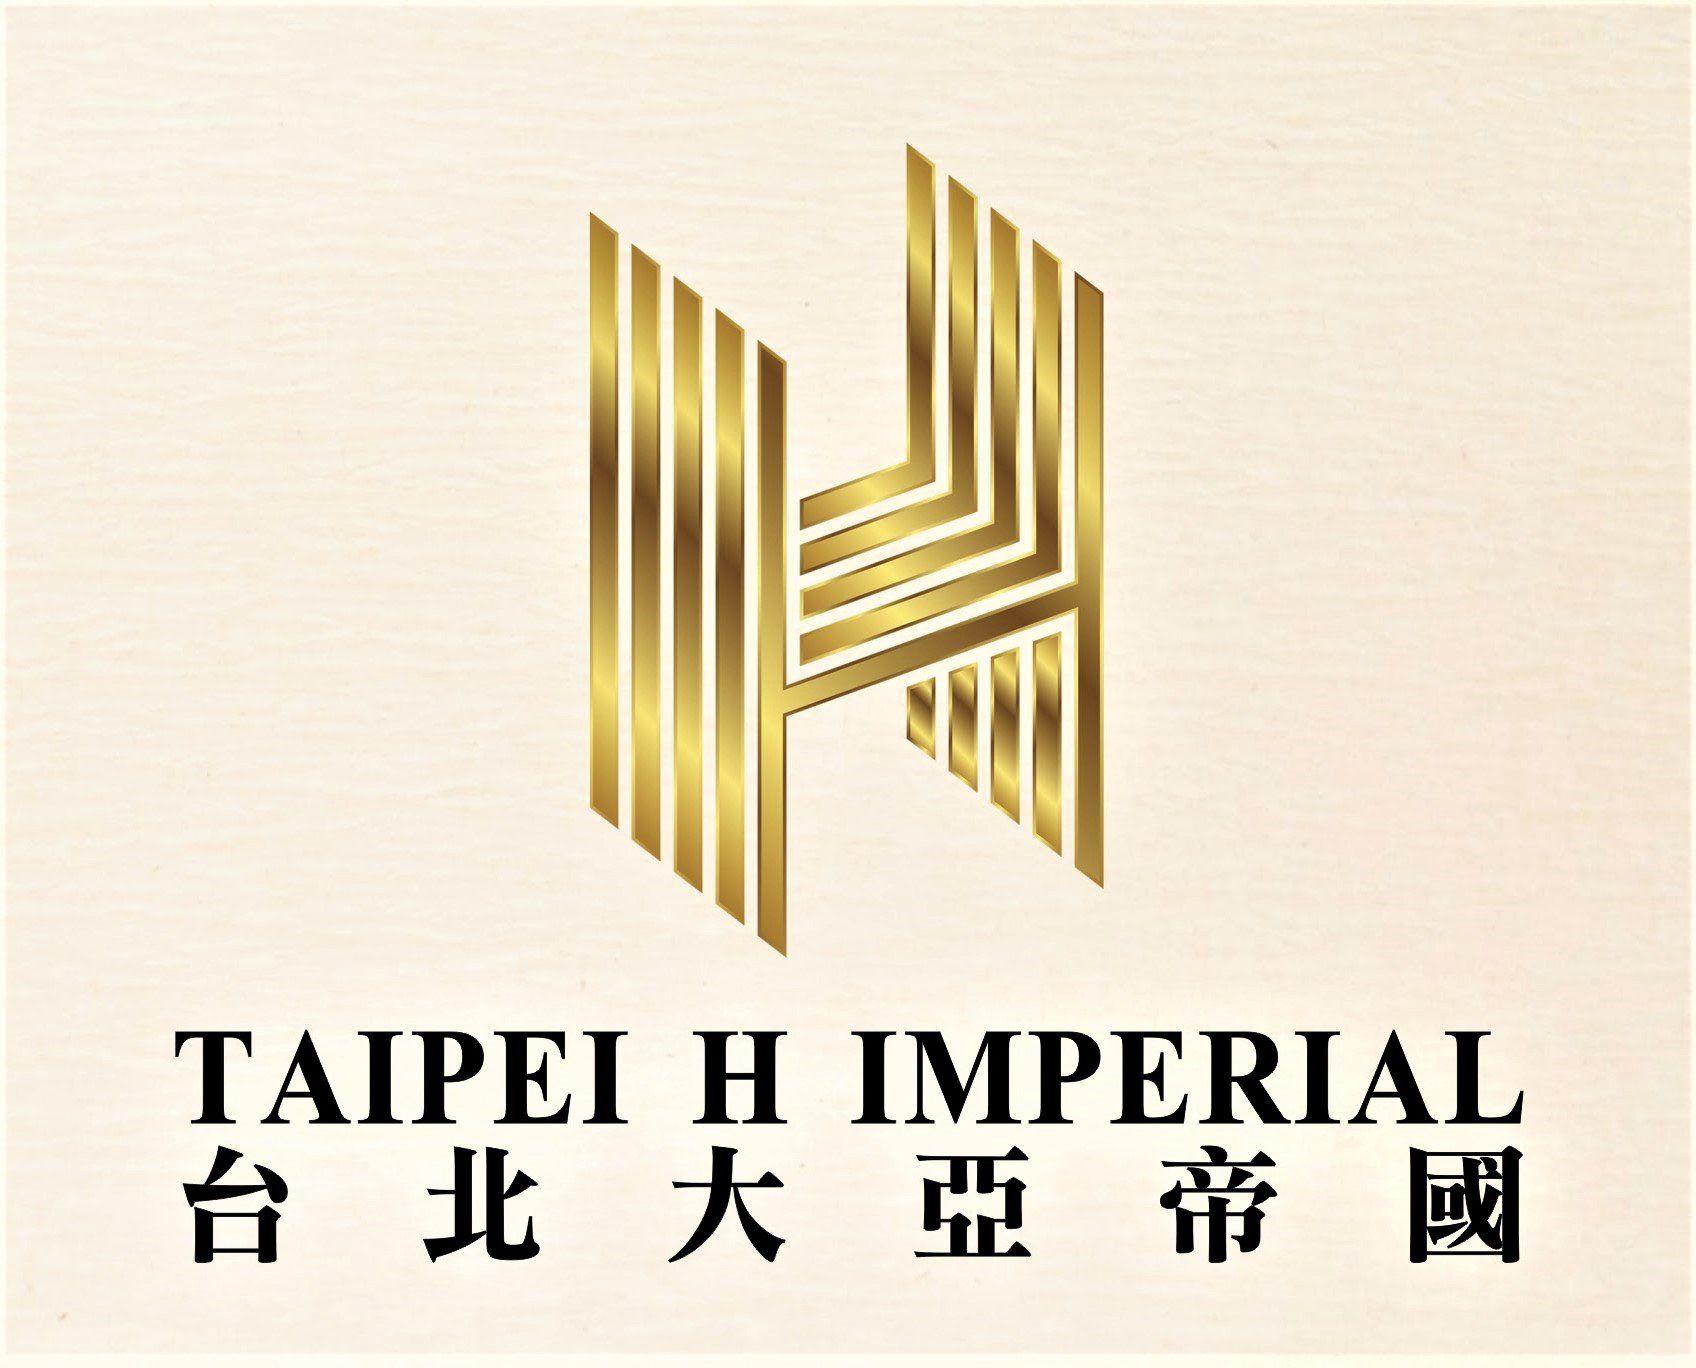 台北 H インペリアル